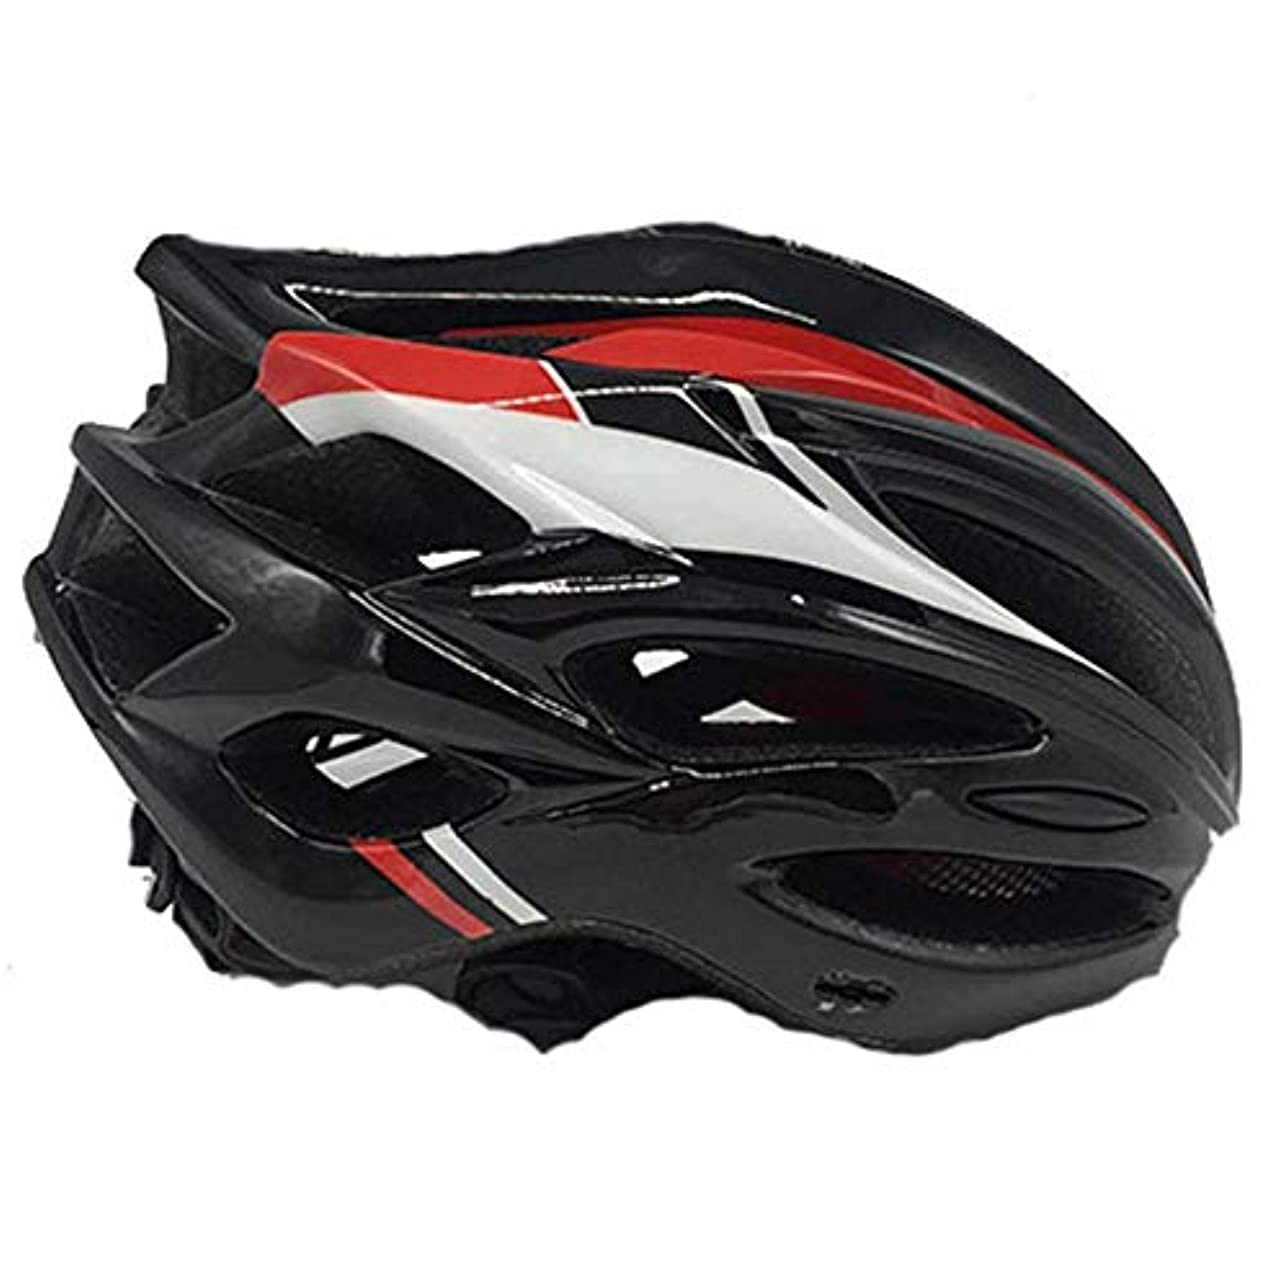 噴水限り勝者TOMSSL高品質 自転車用ヘルメット軽量乗馬用ヘルメットマウンテンバイク自転車用ヘルメット男性と女性用通気性ヘルメット乗馬用具 TOMSSL高品質 (Color : Black)